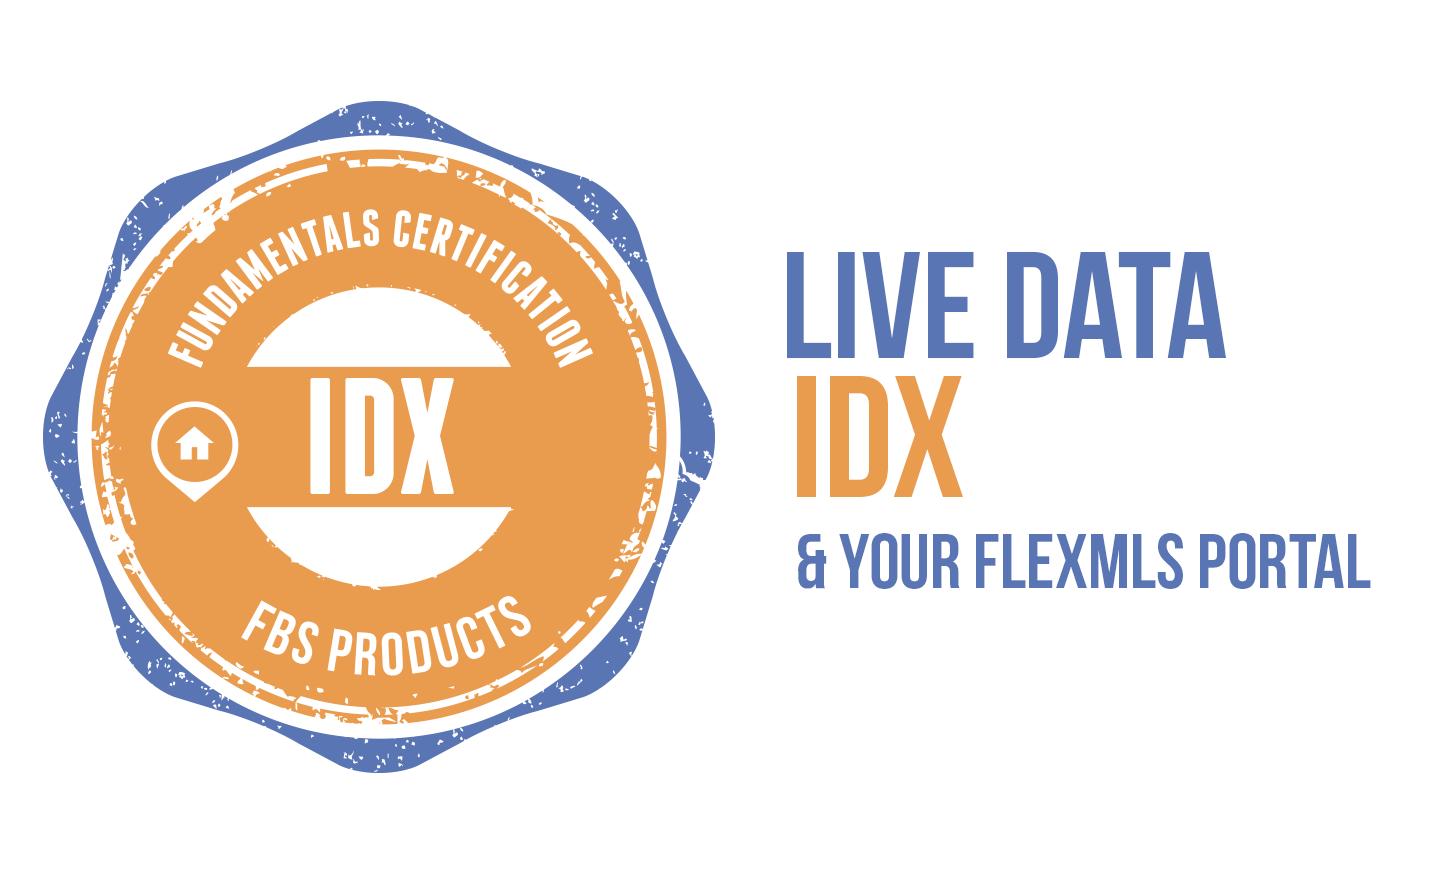 idx flexmls portal fundamentals